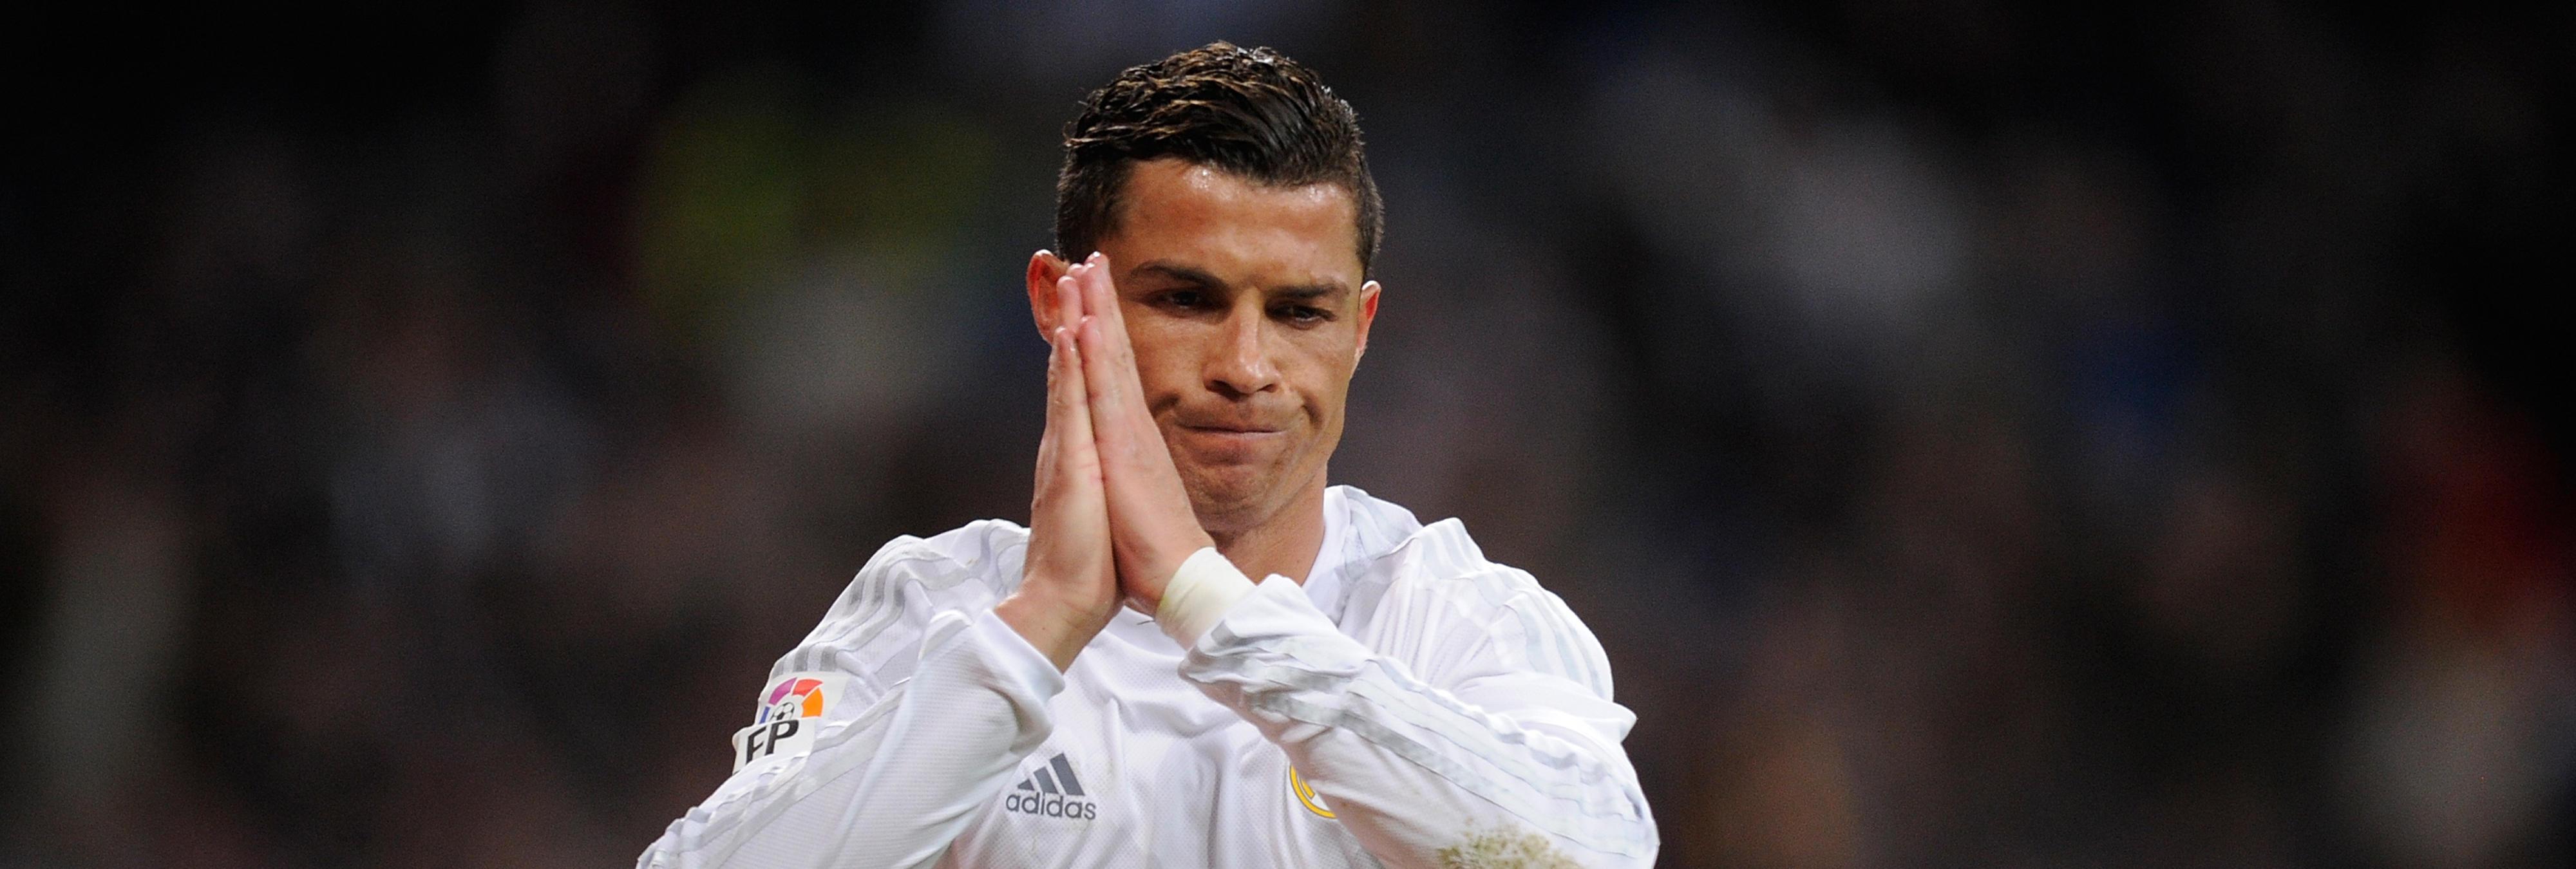 Inician una campaña de recogida de firmas para que Hacienda perdone la deuda a Cristiano Ronaldo